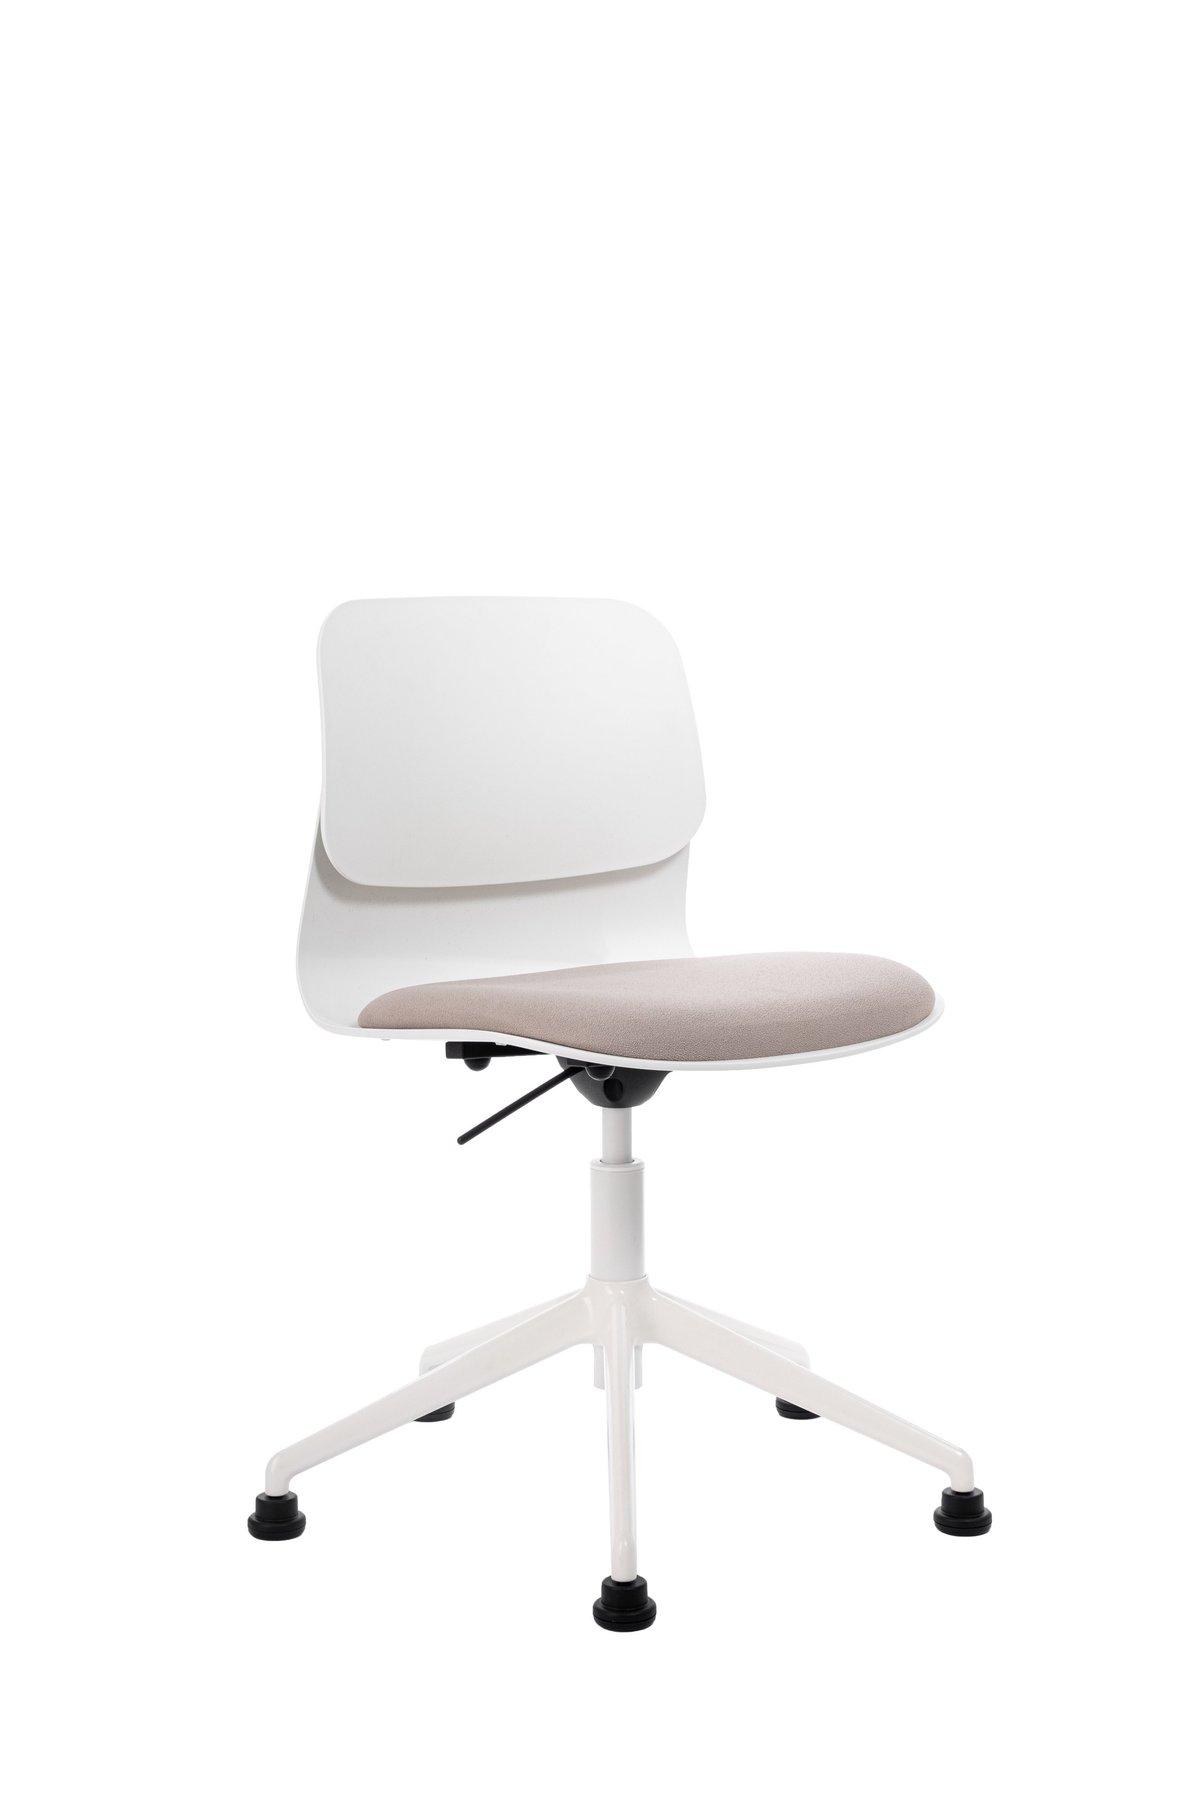 Chaise de bureau blanche pivotante sur roulettes